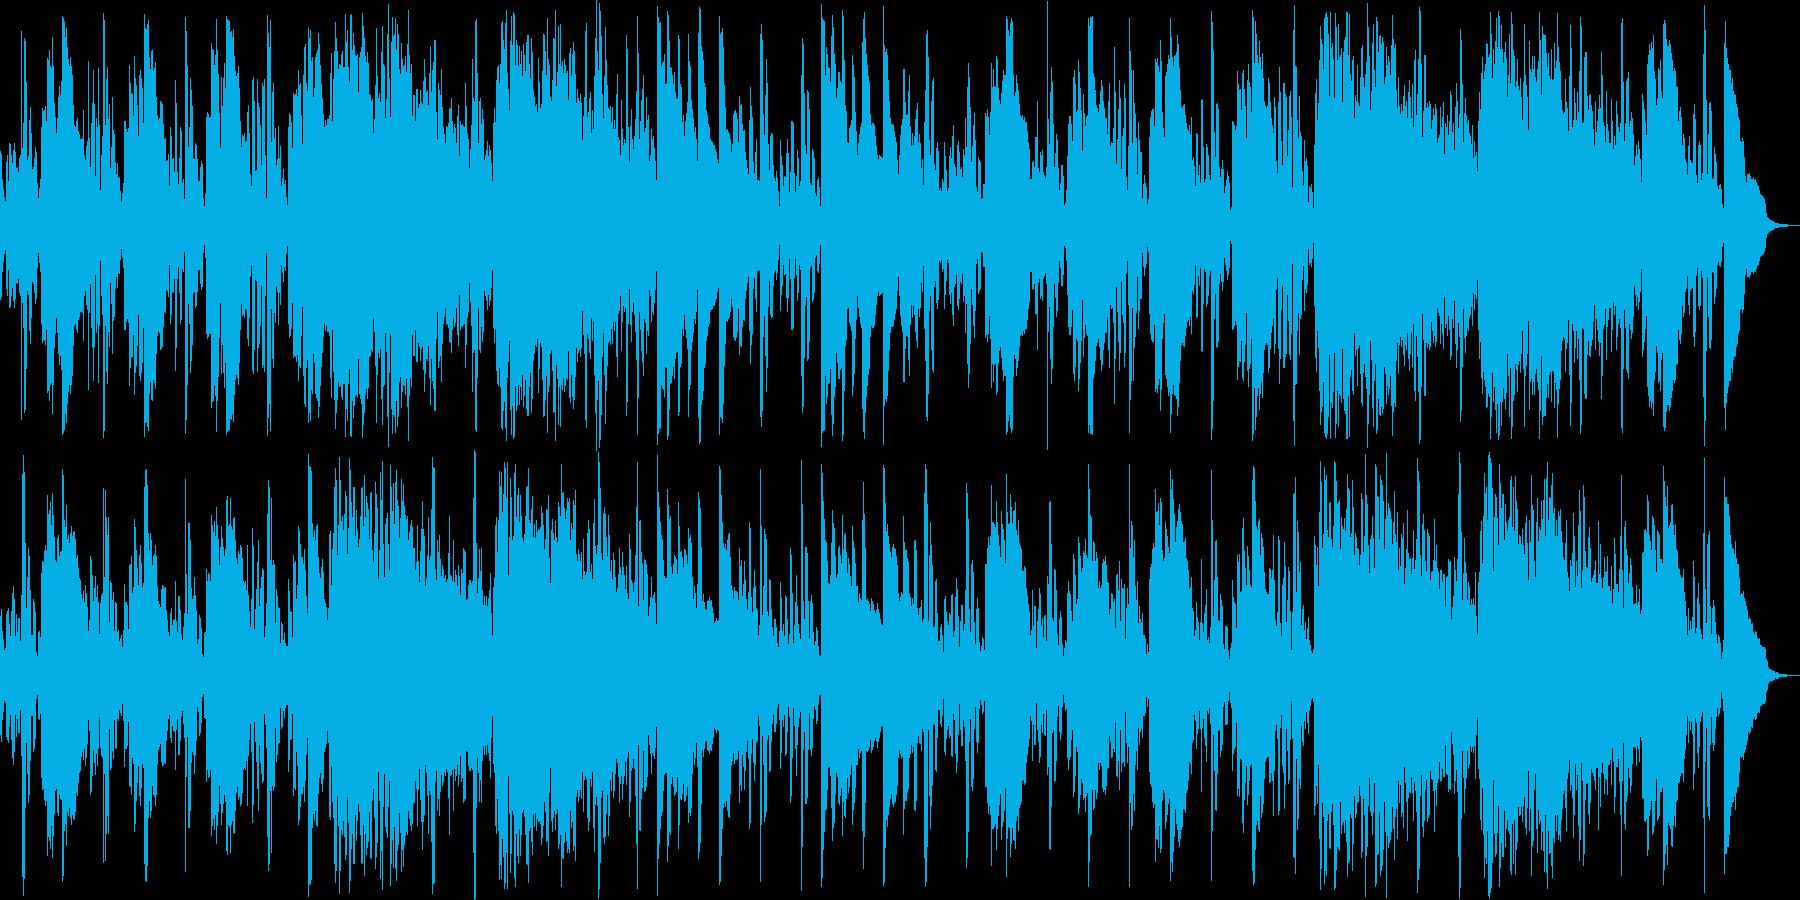 眠りを誘うリラクゼーション系ヒーリング曲の再生済みの波形